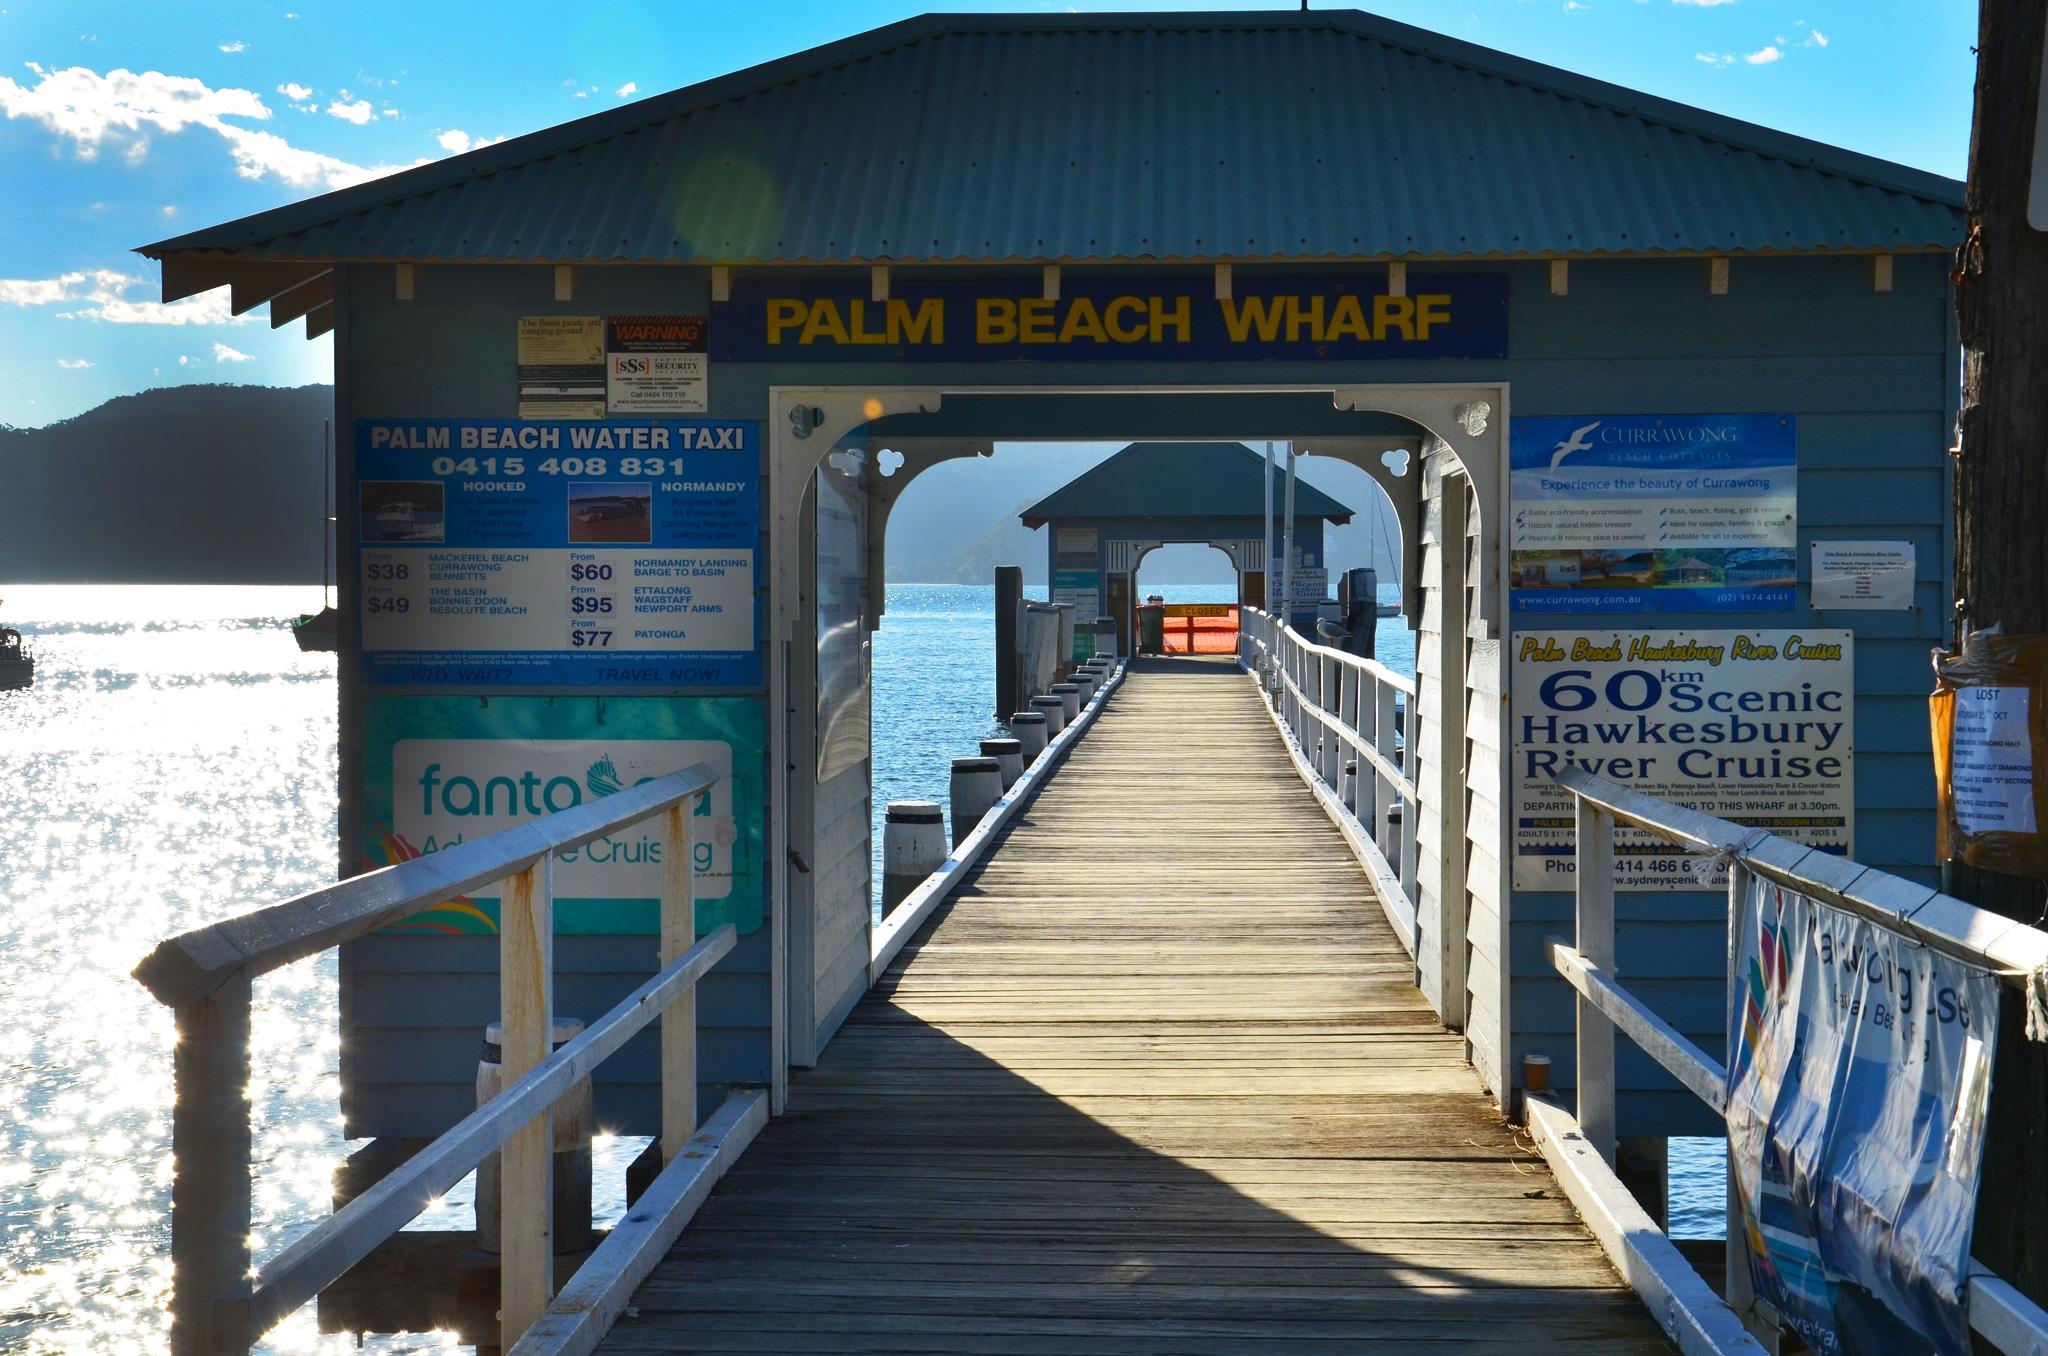 Palm Beach Wharf - Image �2014 ManlyAustralia.com